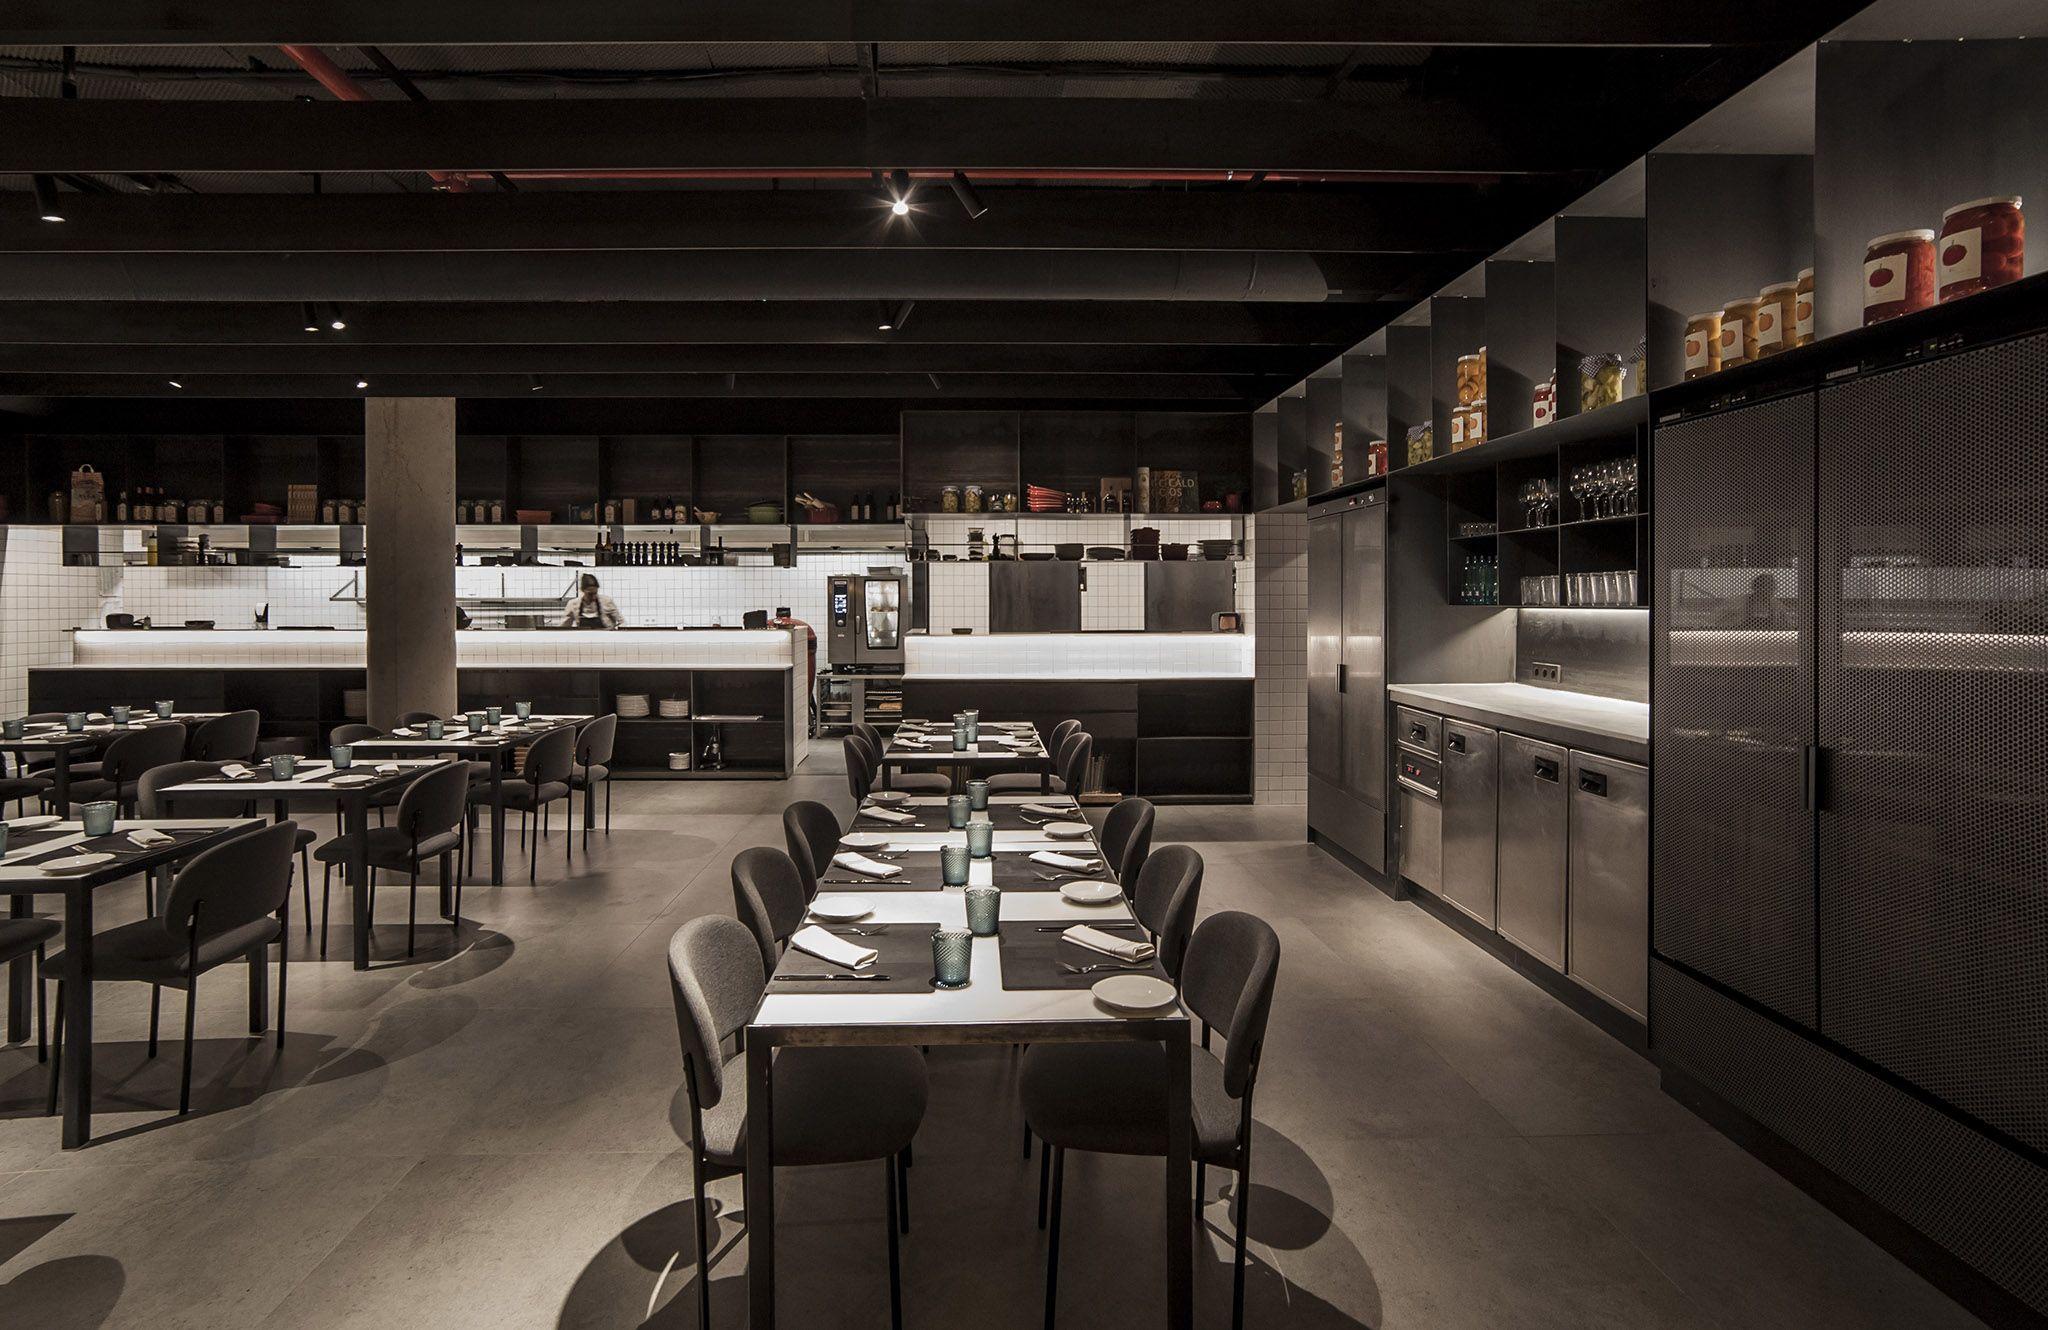 El interiorismo del restaurante habitual, de Ricard Camarena, es obra de tres alumni de la ESET de la CEU UCH miembros de Made Studio.